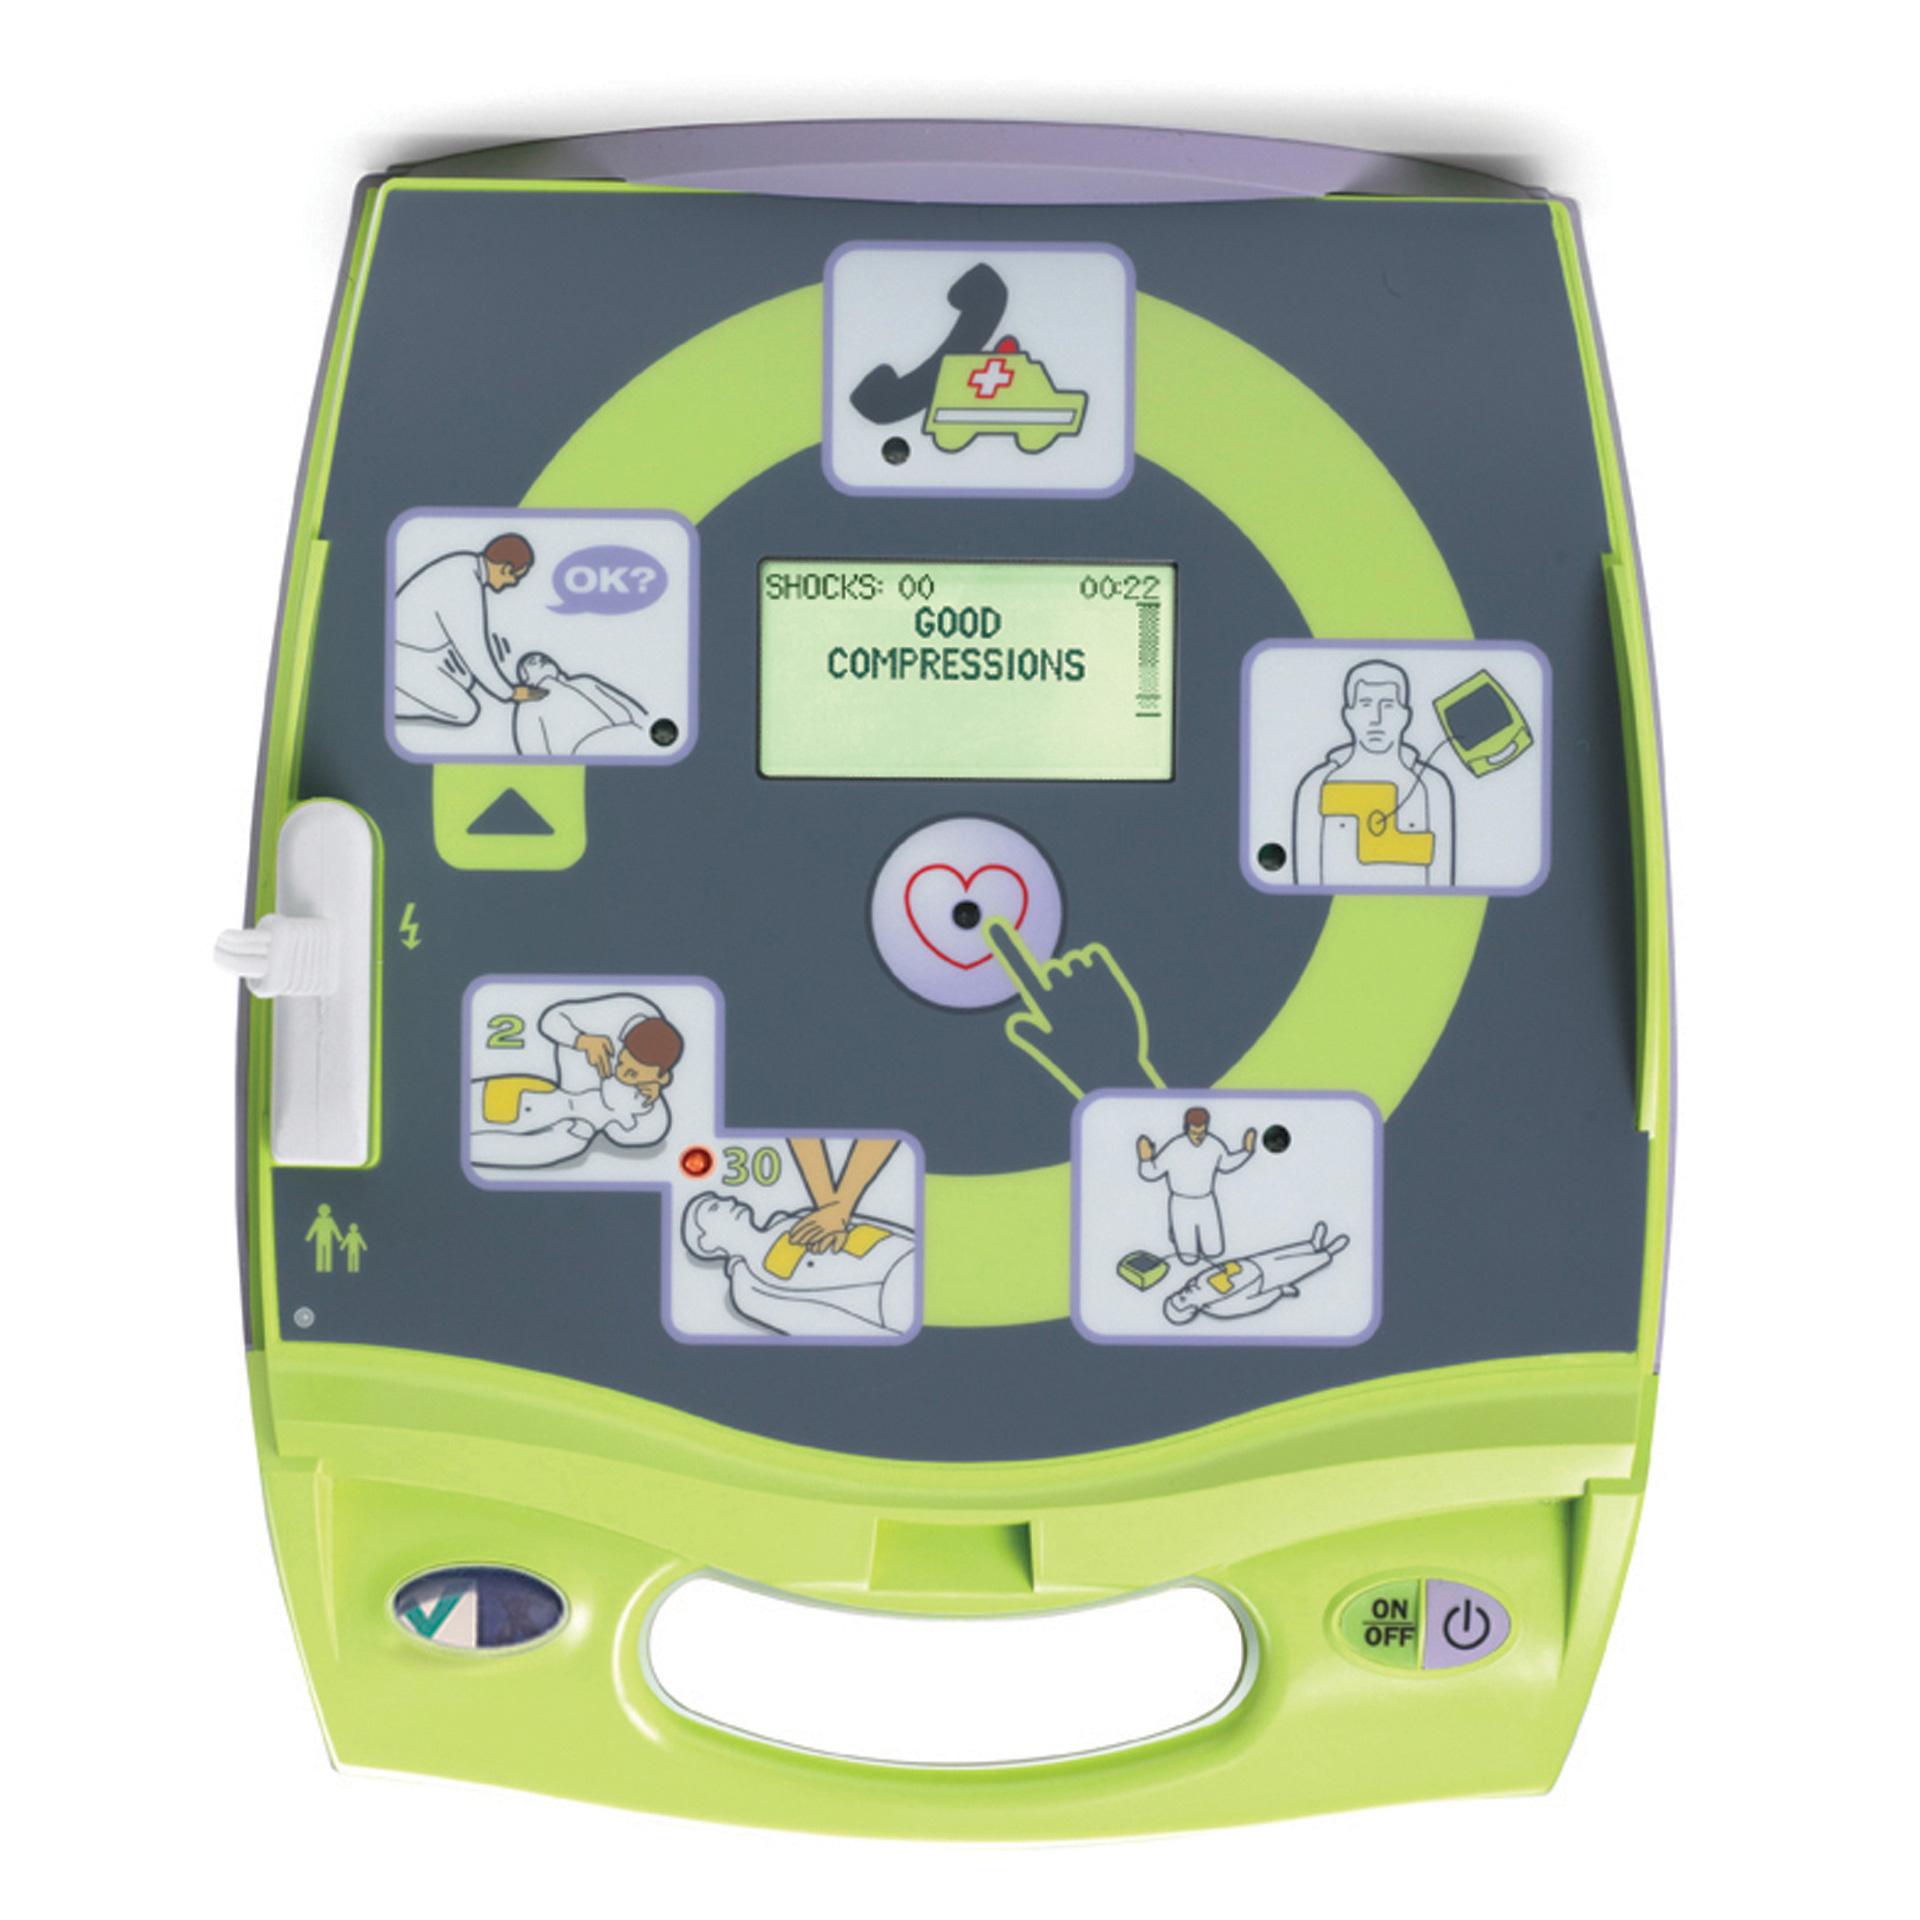 ZOLL AED Plus Defibrillator-Fully Auto